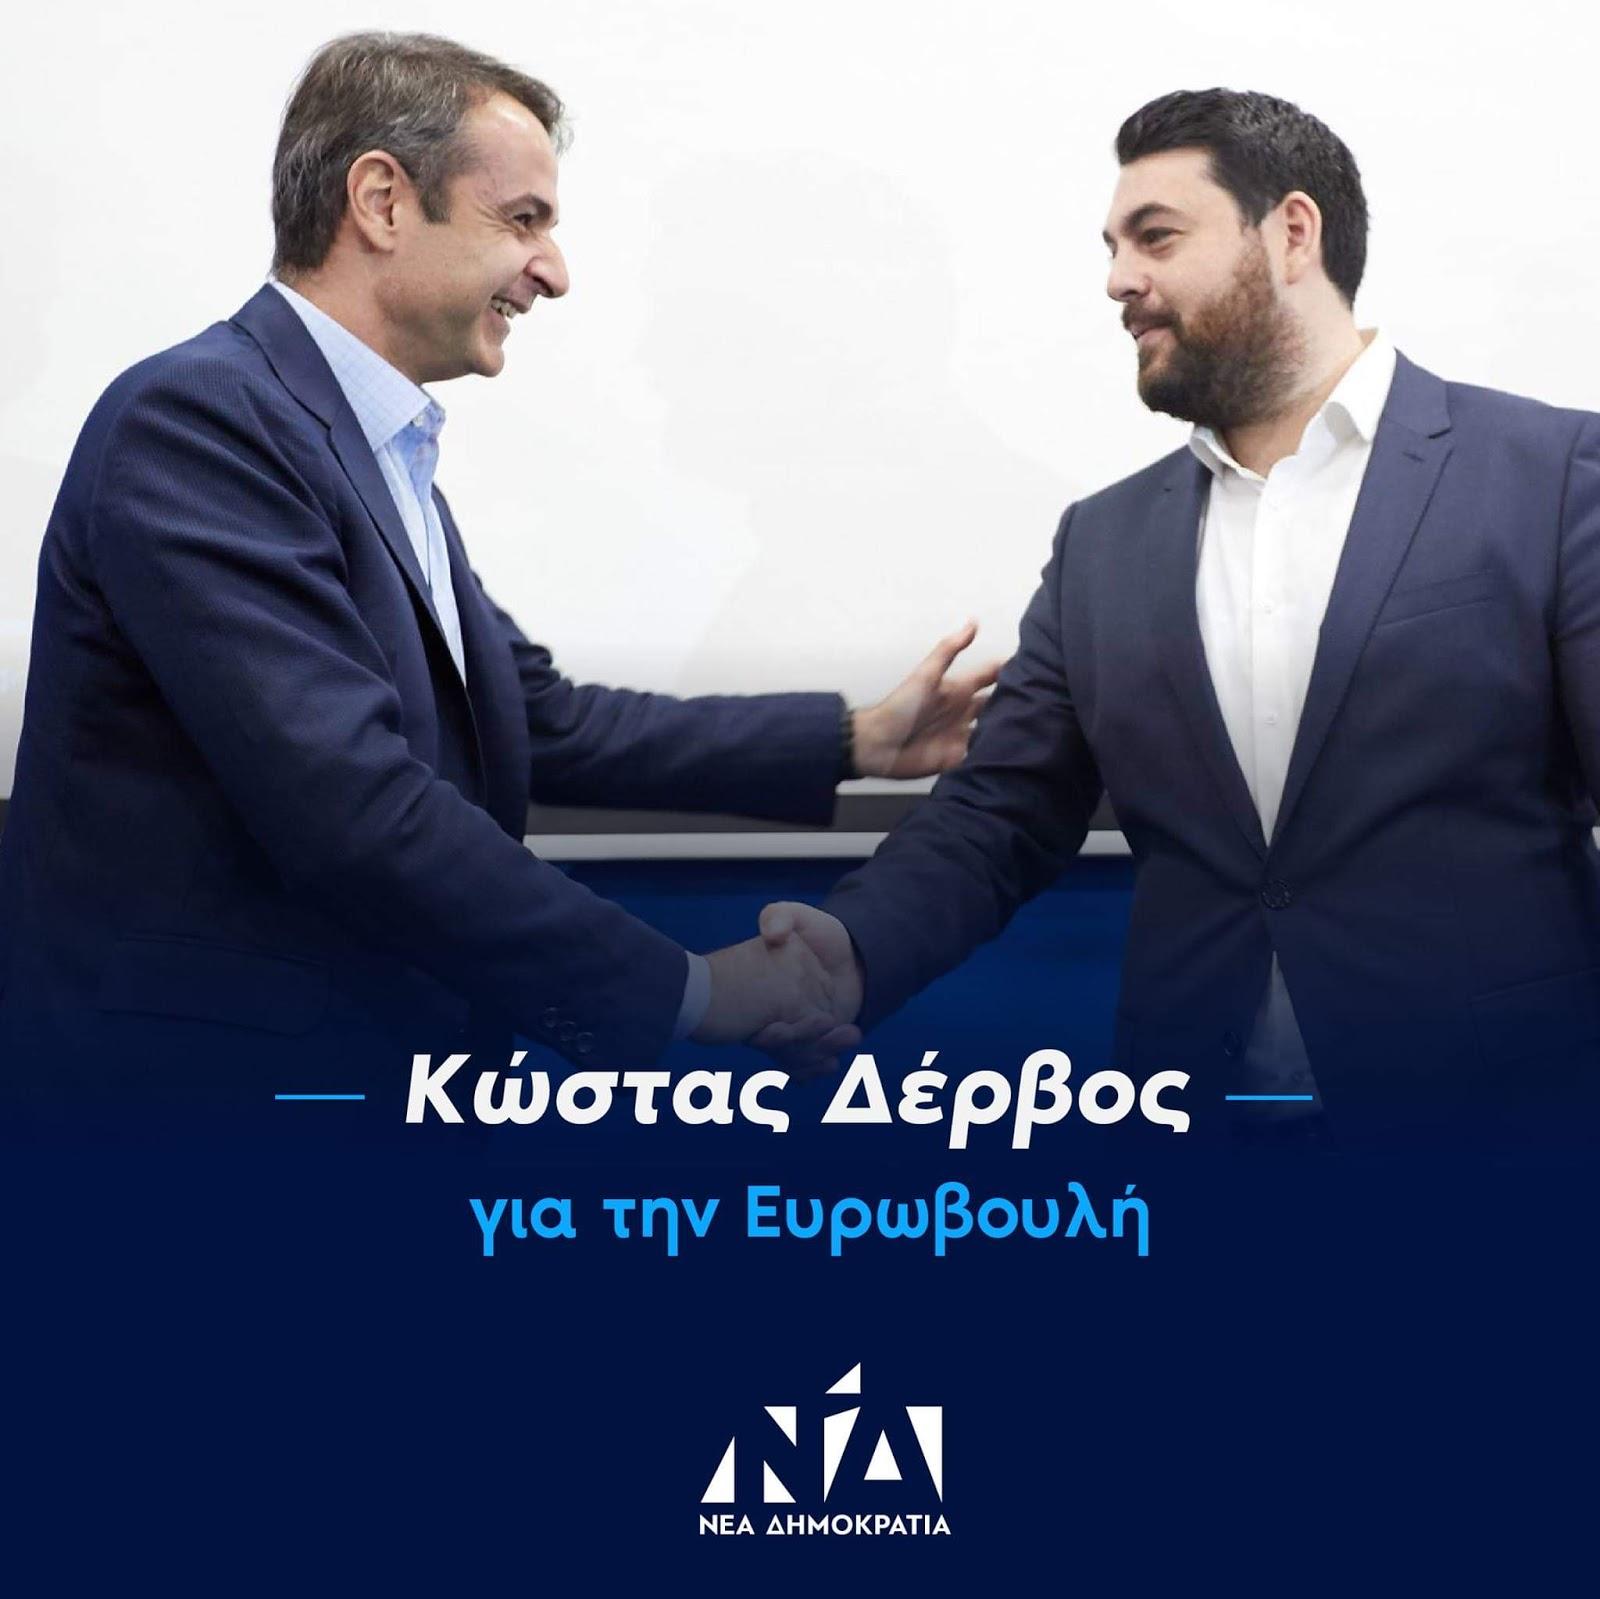 Για την Ελλάδα που έχουμε υποχρέωση και μπορούμε να πάμε μπροστά, για την Ελλάδα της Ευρώπης.